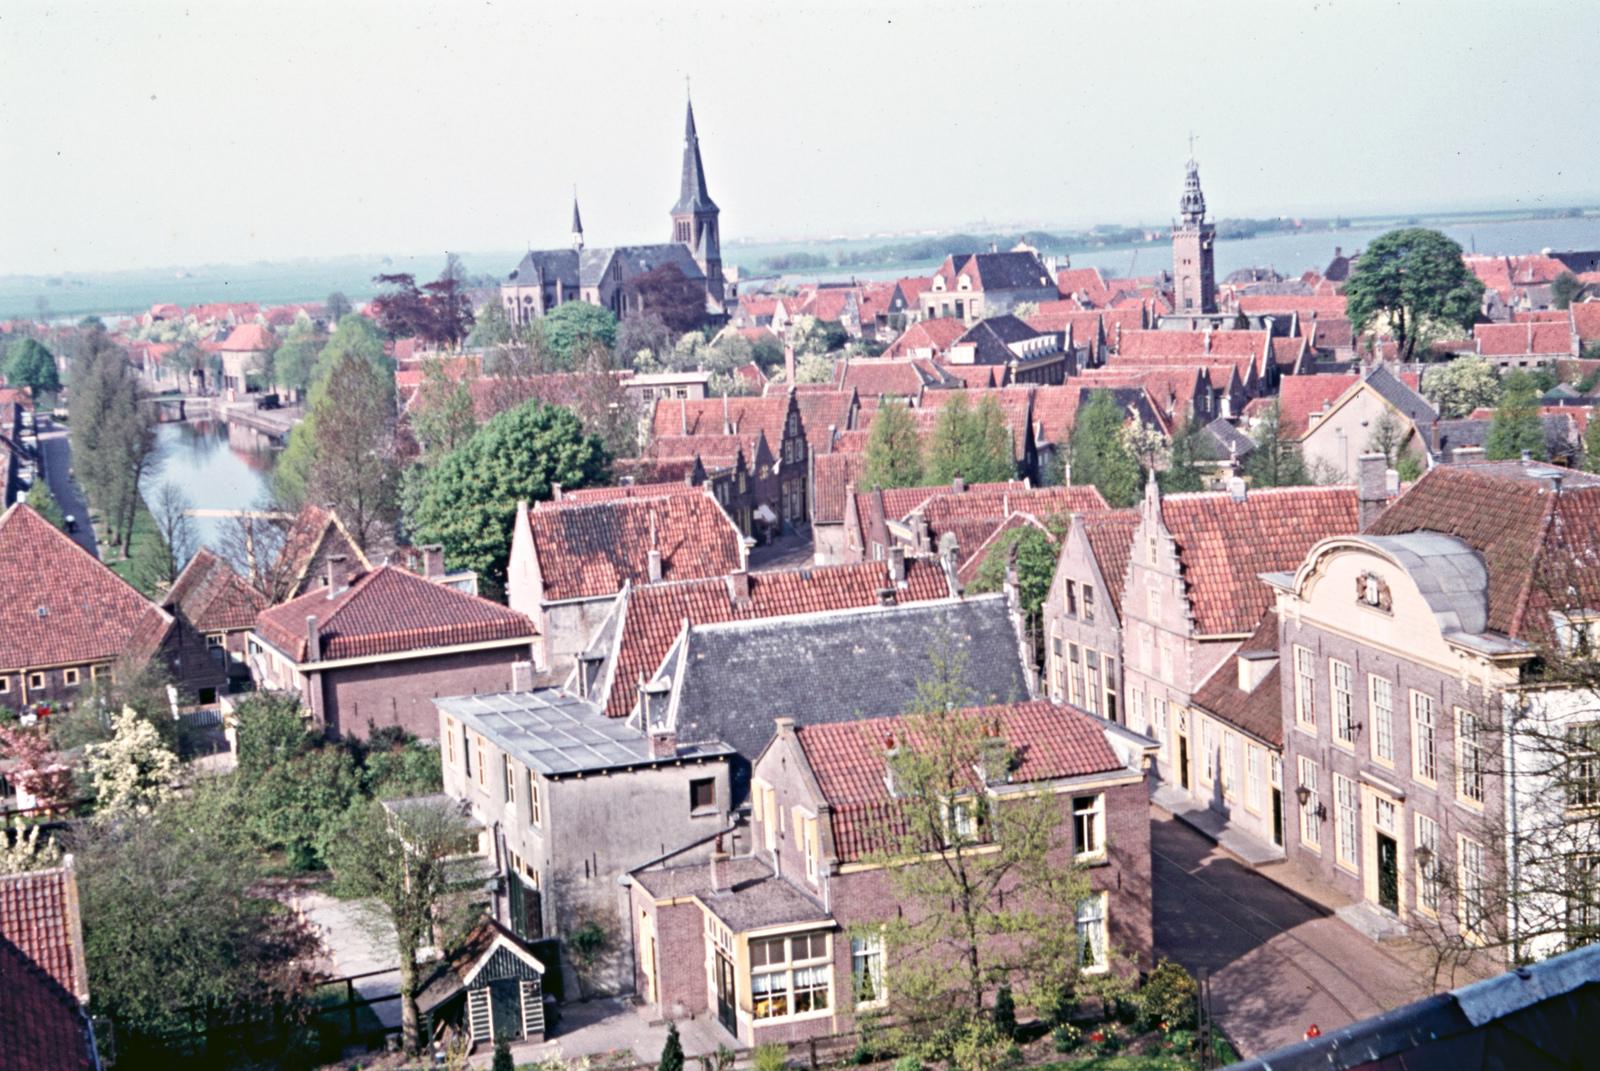 Gezicht van Monnickendam